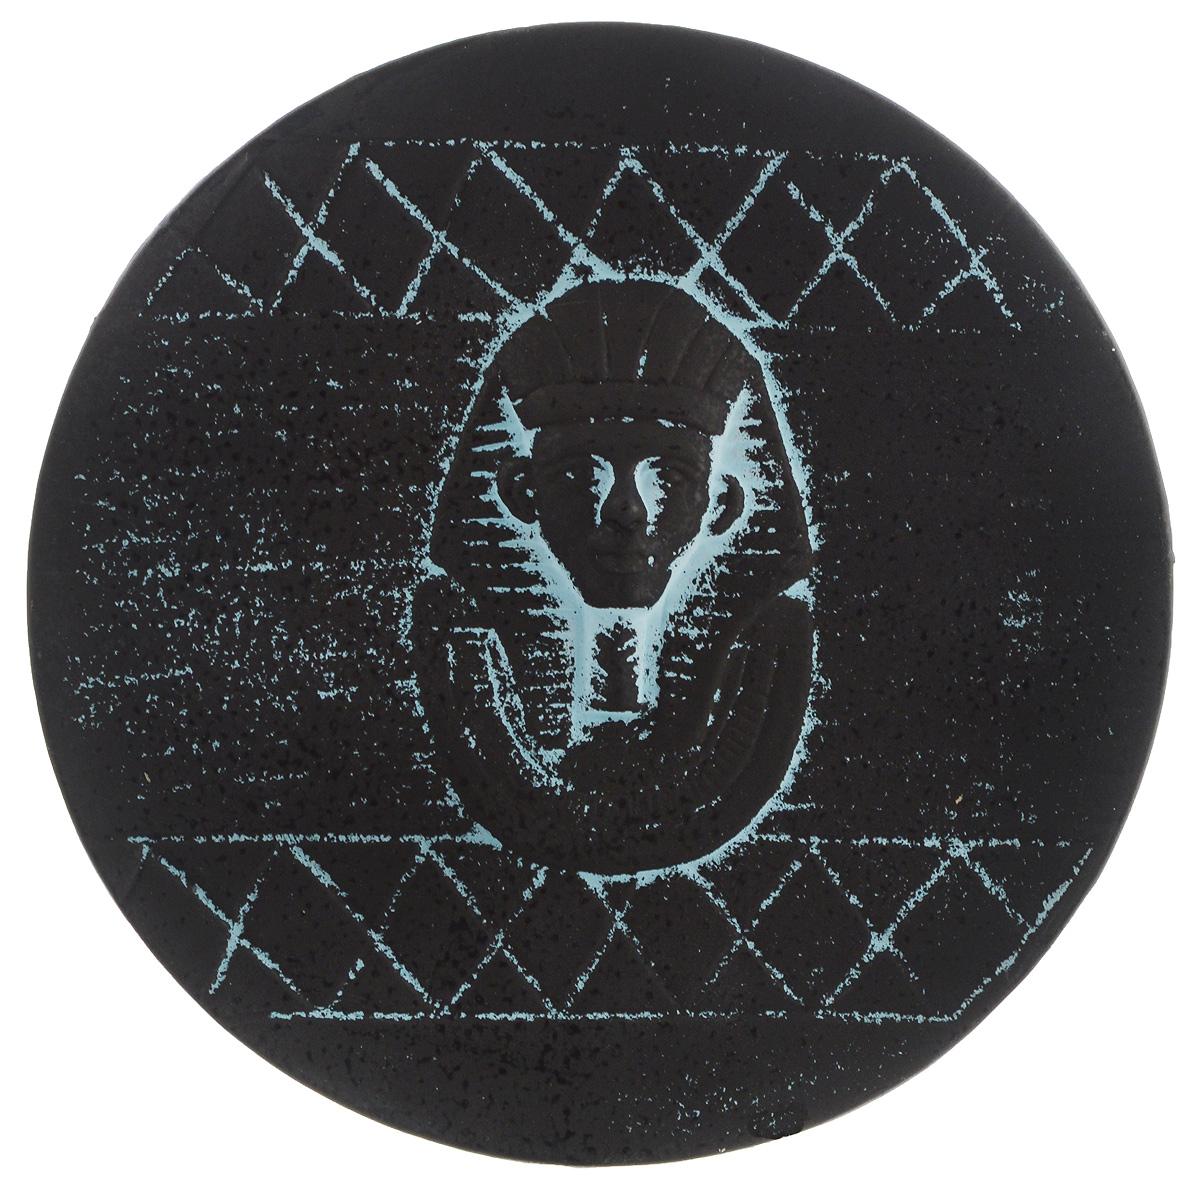 Тарелка декоративная House & Holder, диаметр 16,5 см. PX90475PX90475Тарелка House & Holder выполнена из высококачественной керамики. Тарелка круглой формы украшена оригинальным принтом. Она сочетает в себе оригинальный дизайн с максимальной функциональностью. Диаметр тарелки: 16,5 см. Высота: 1,5 см.